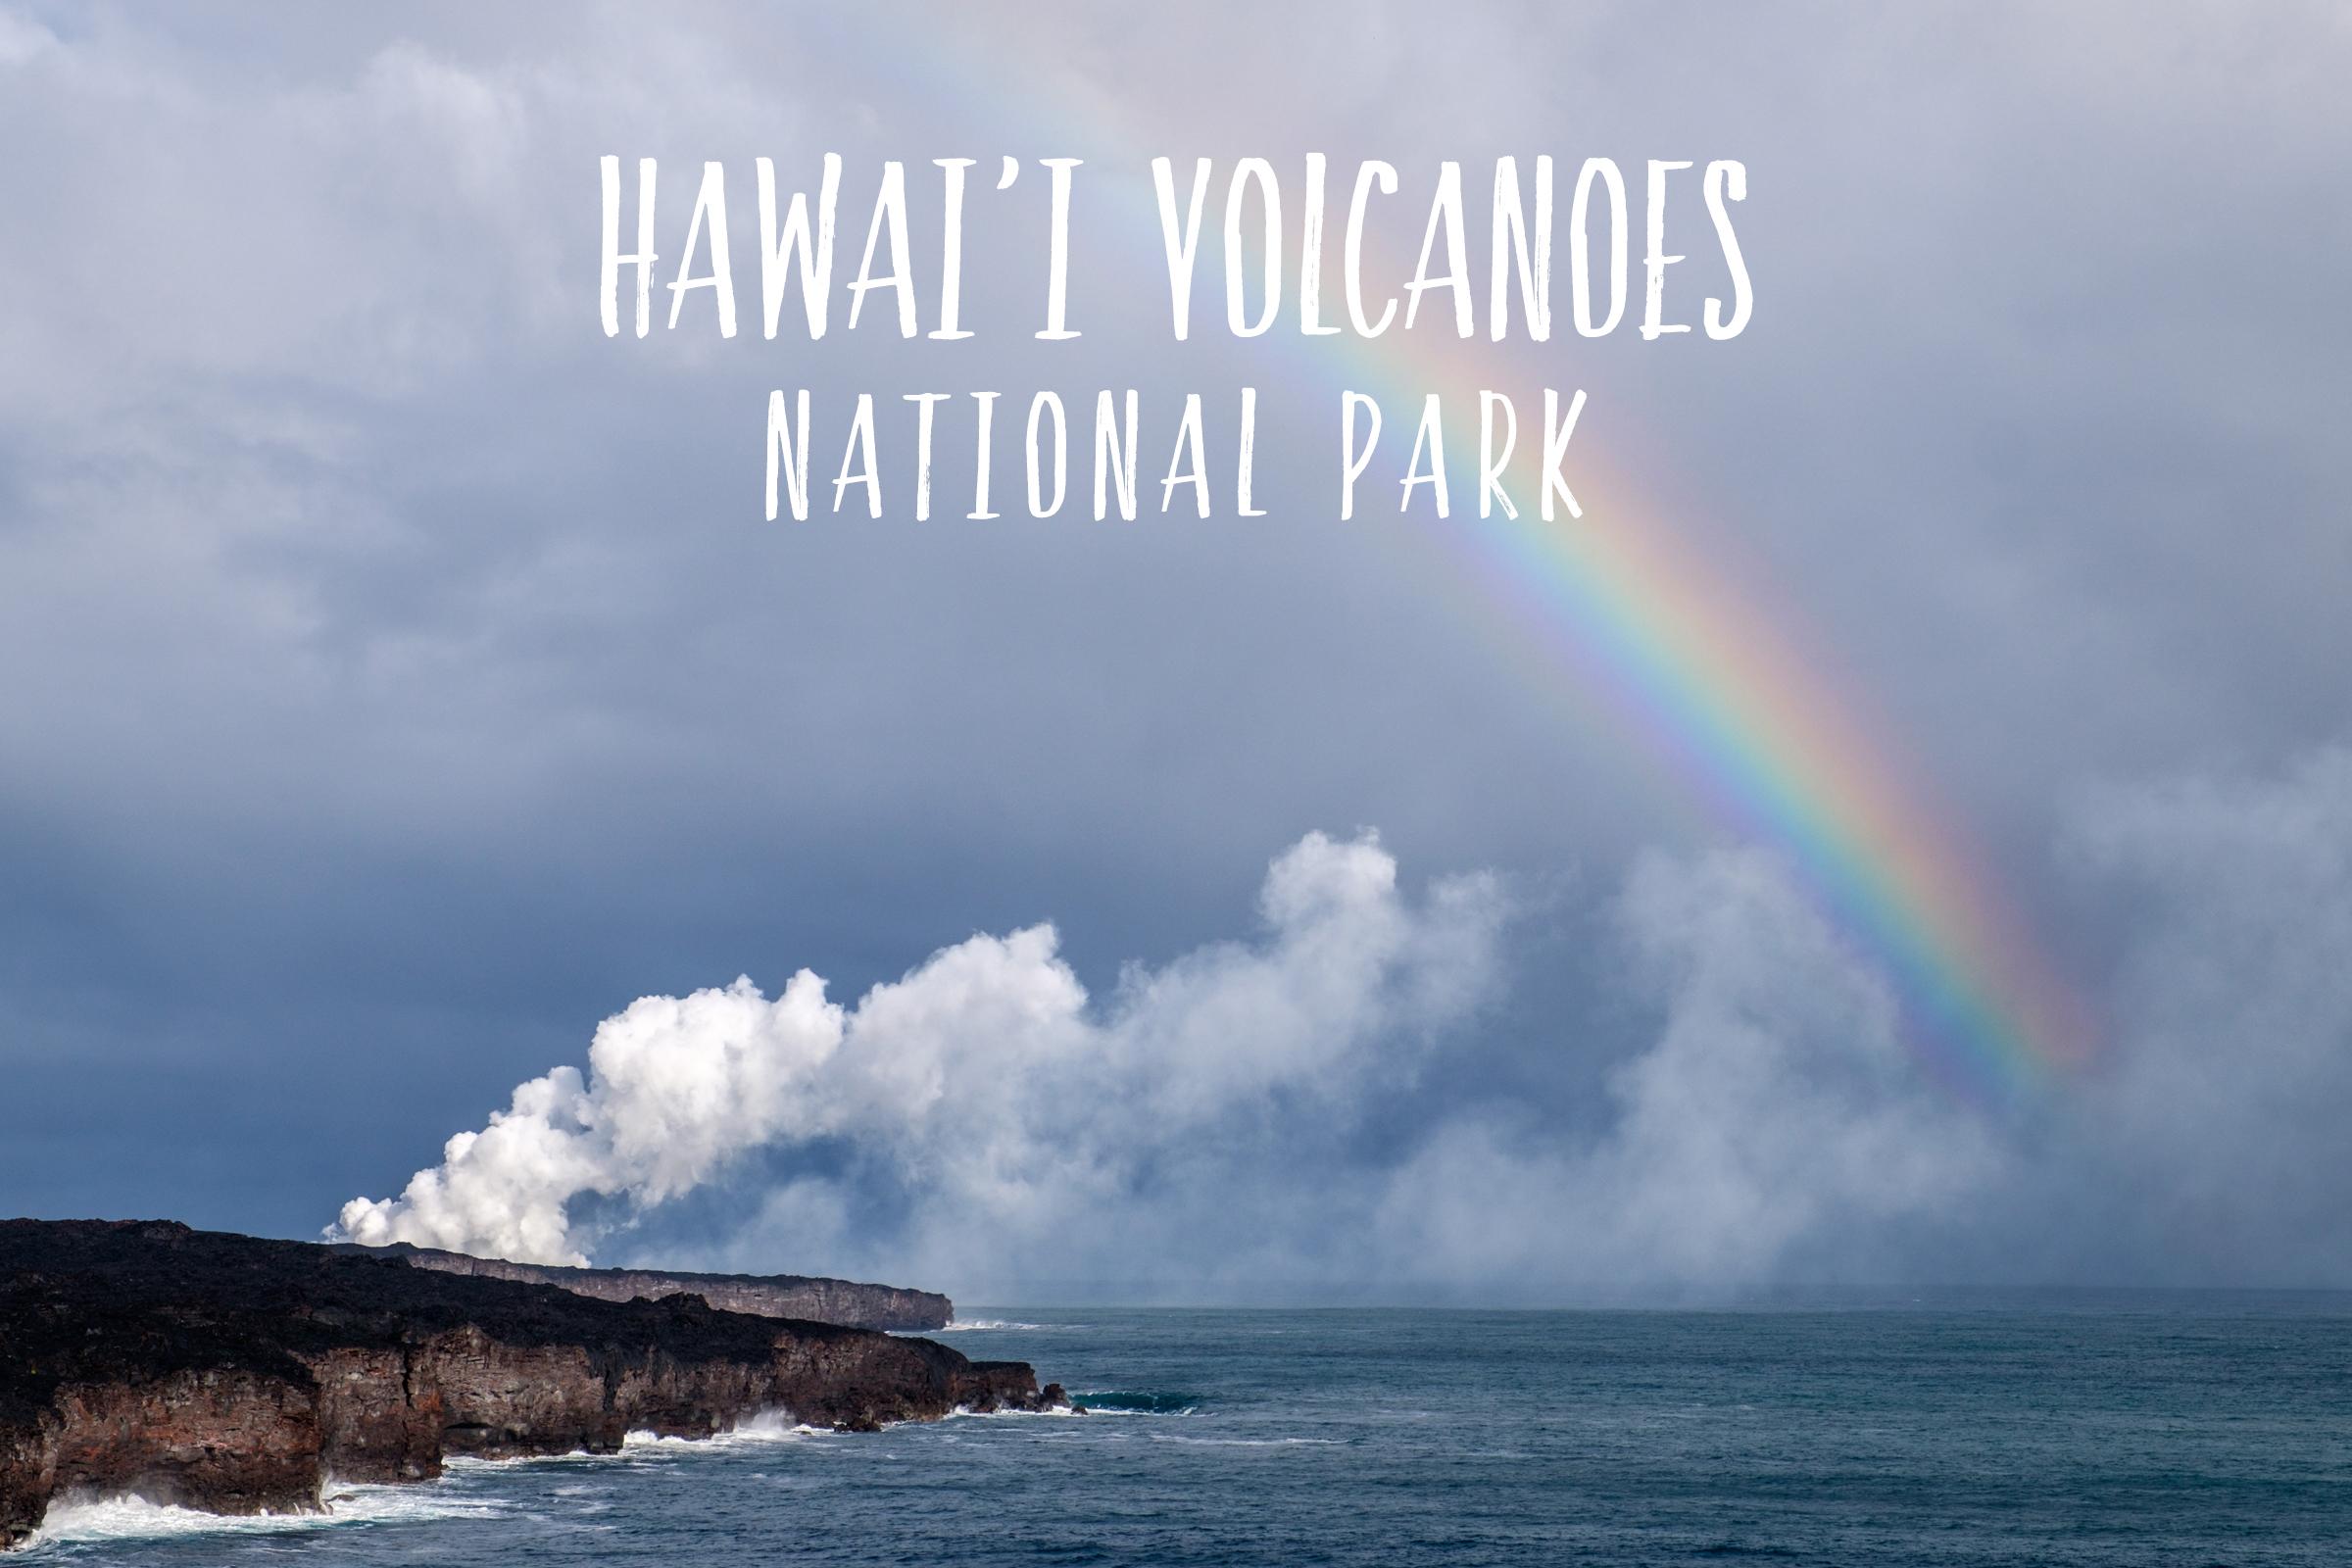 59in52_np-page_volcanoes.jpg